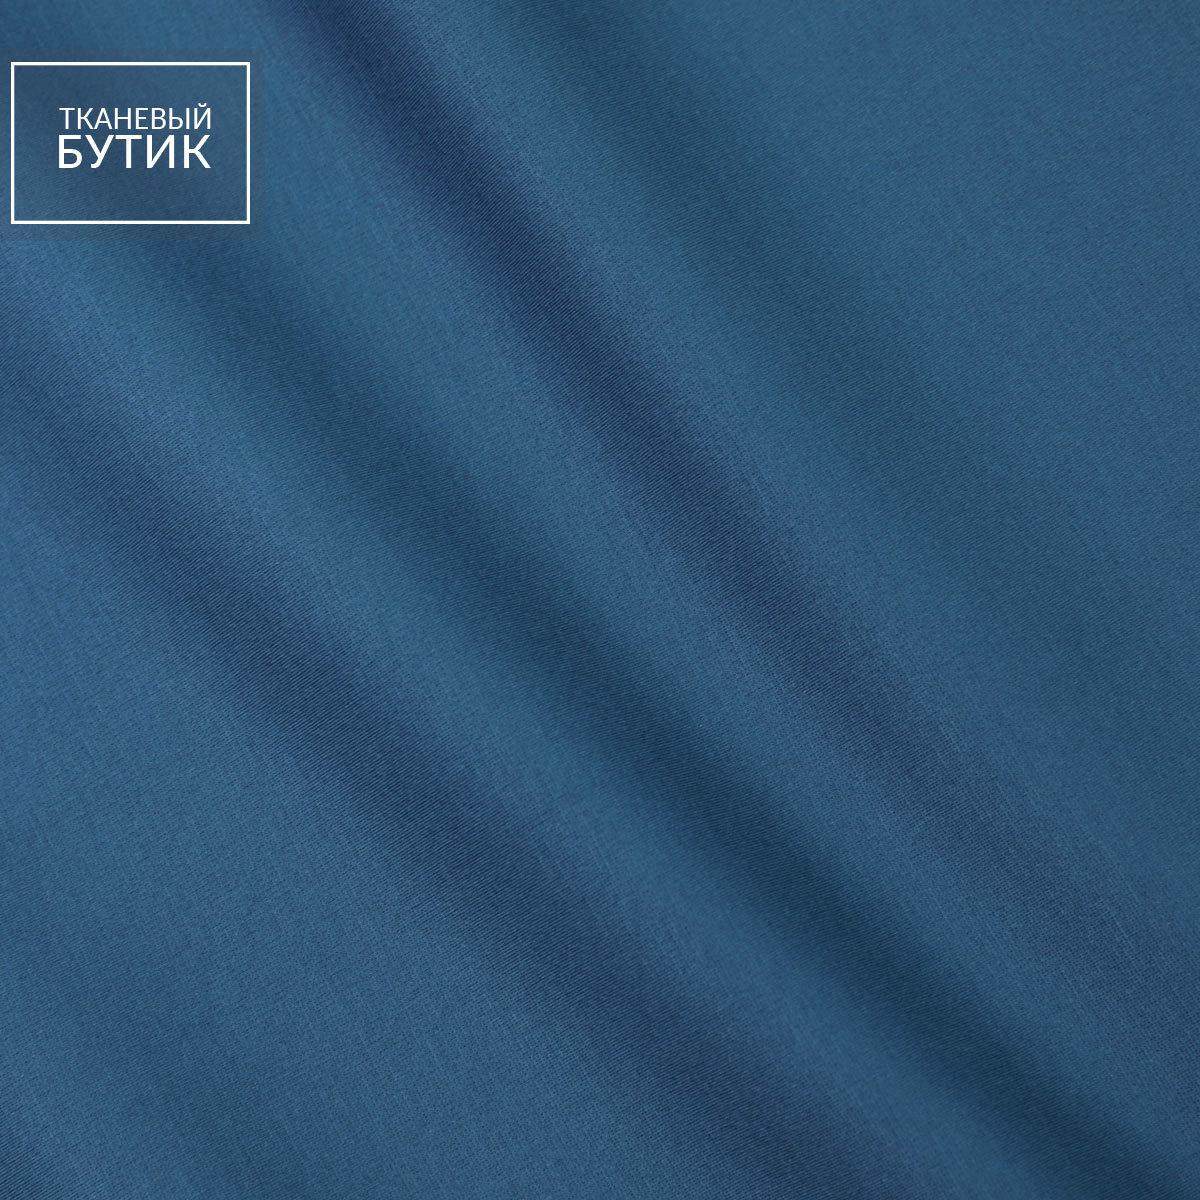 Вискозное стретч-джерси с нейлоном цвета морской волны